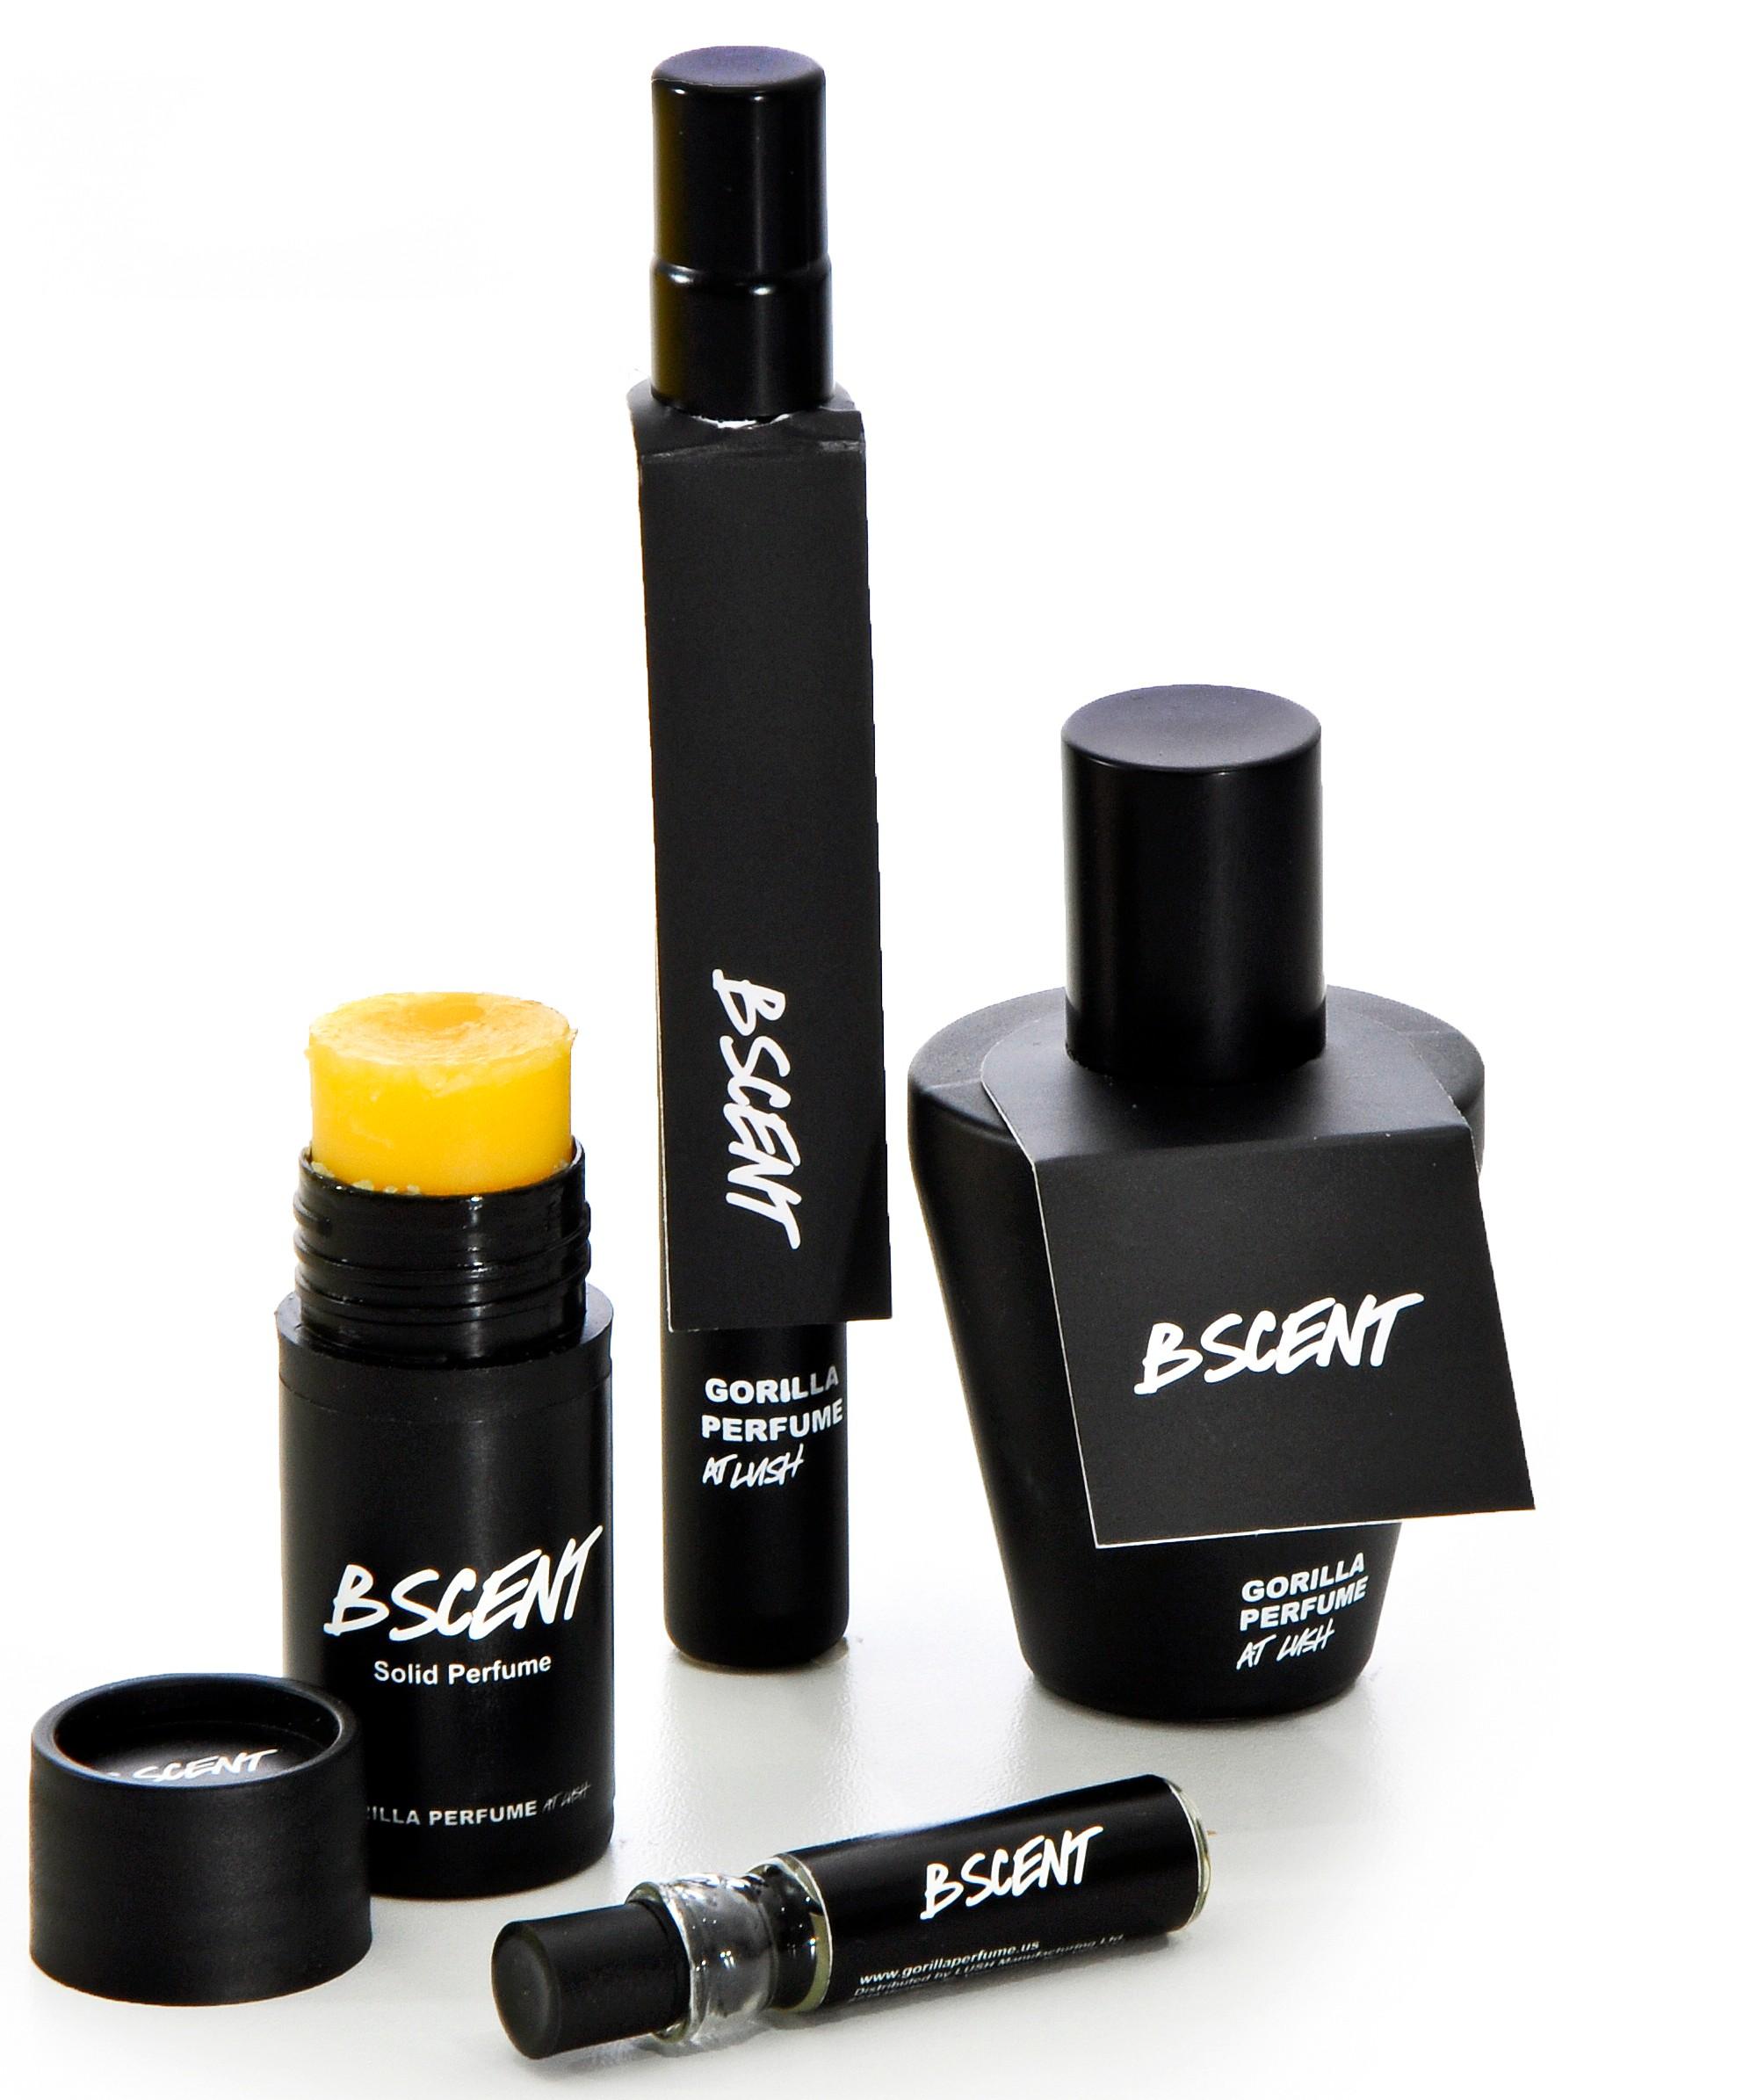 Lush B Scent аромат для мужчин и женщин